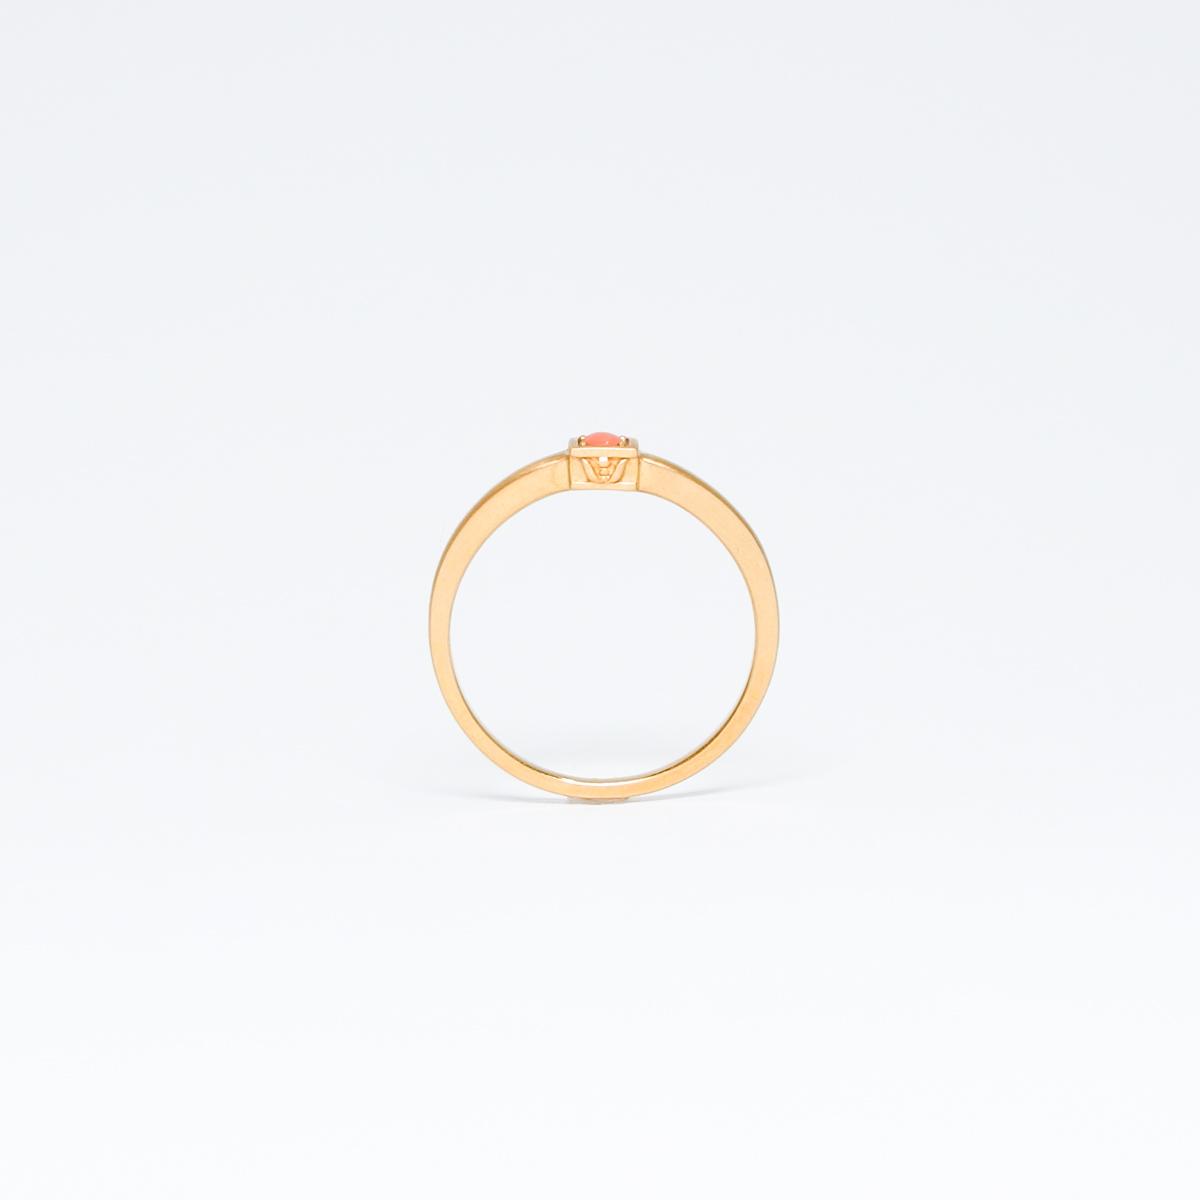 K18 ピンクサンゴリング [order]